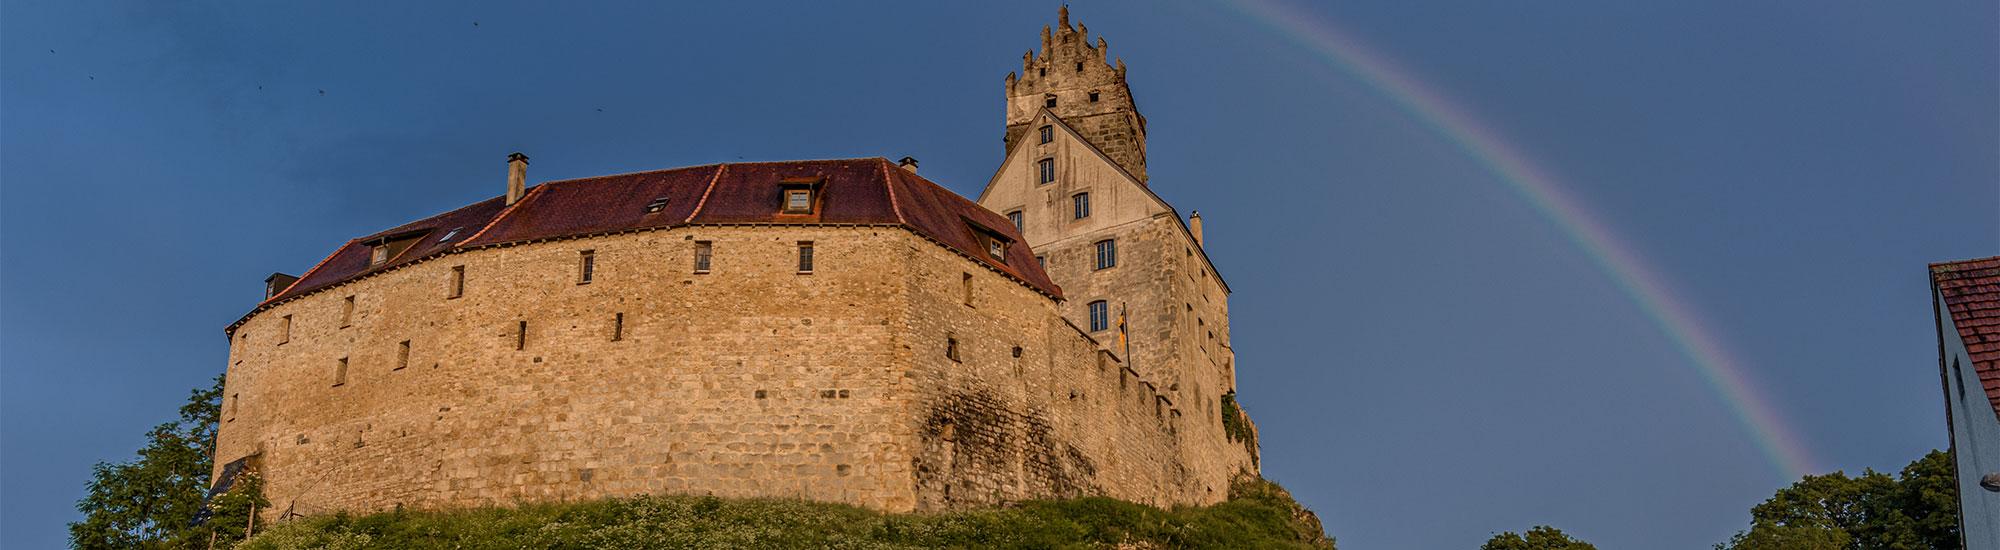 Burg-Katzenstein